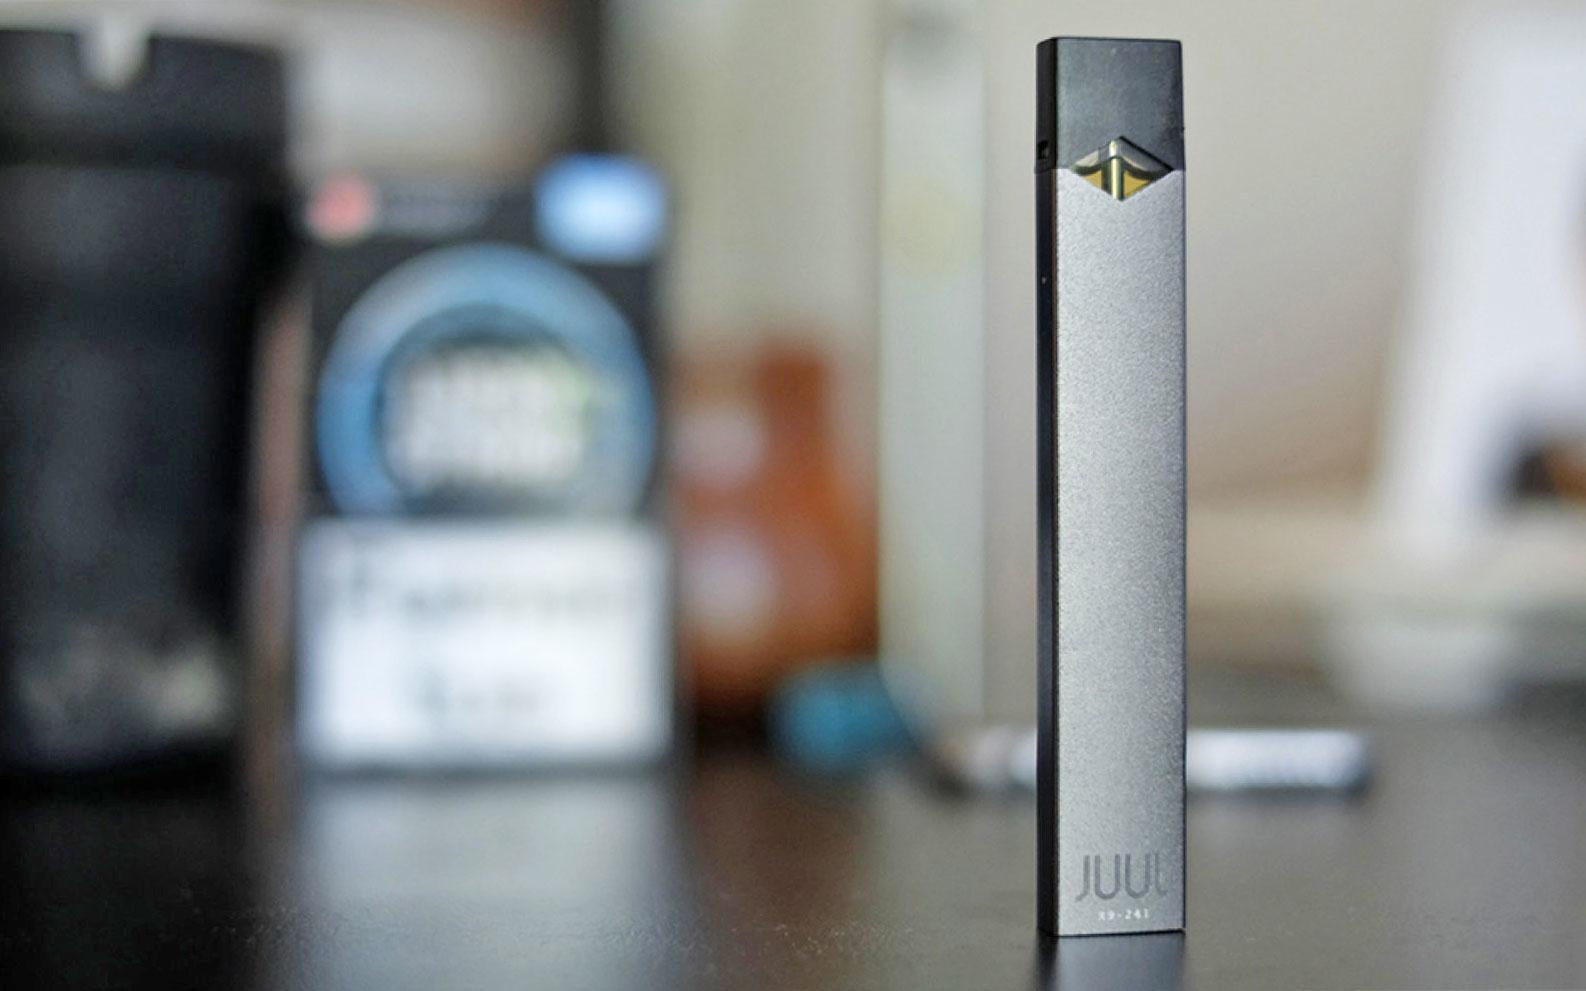 Juul – L'e-cigarette lève 1,2 milliard de dollars pour conquérir le monde